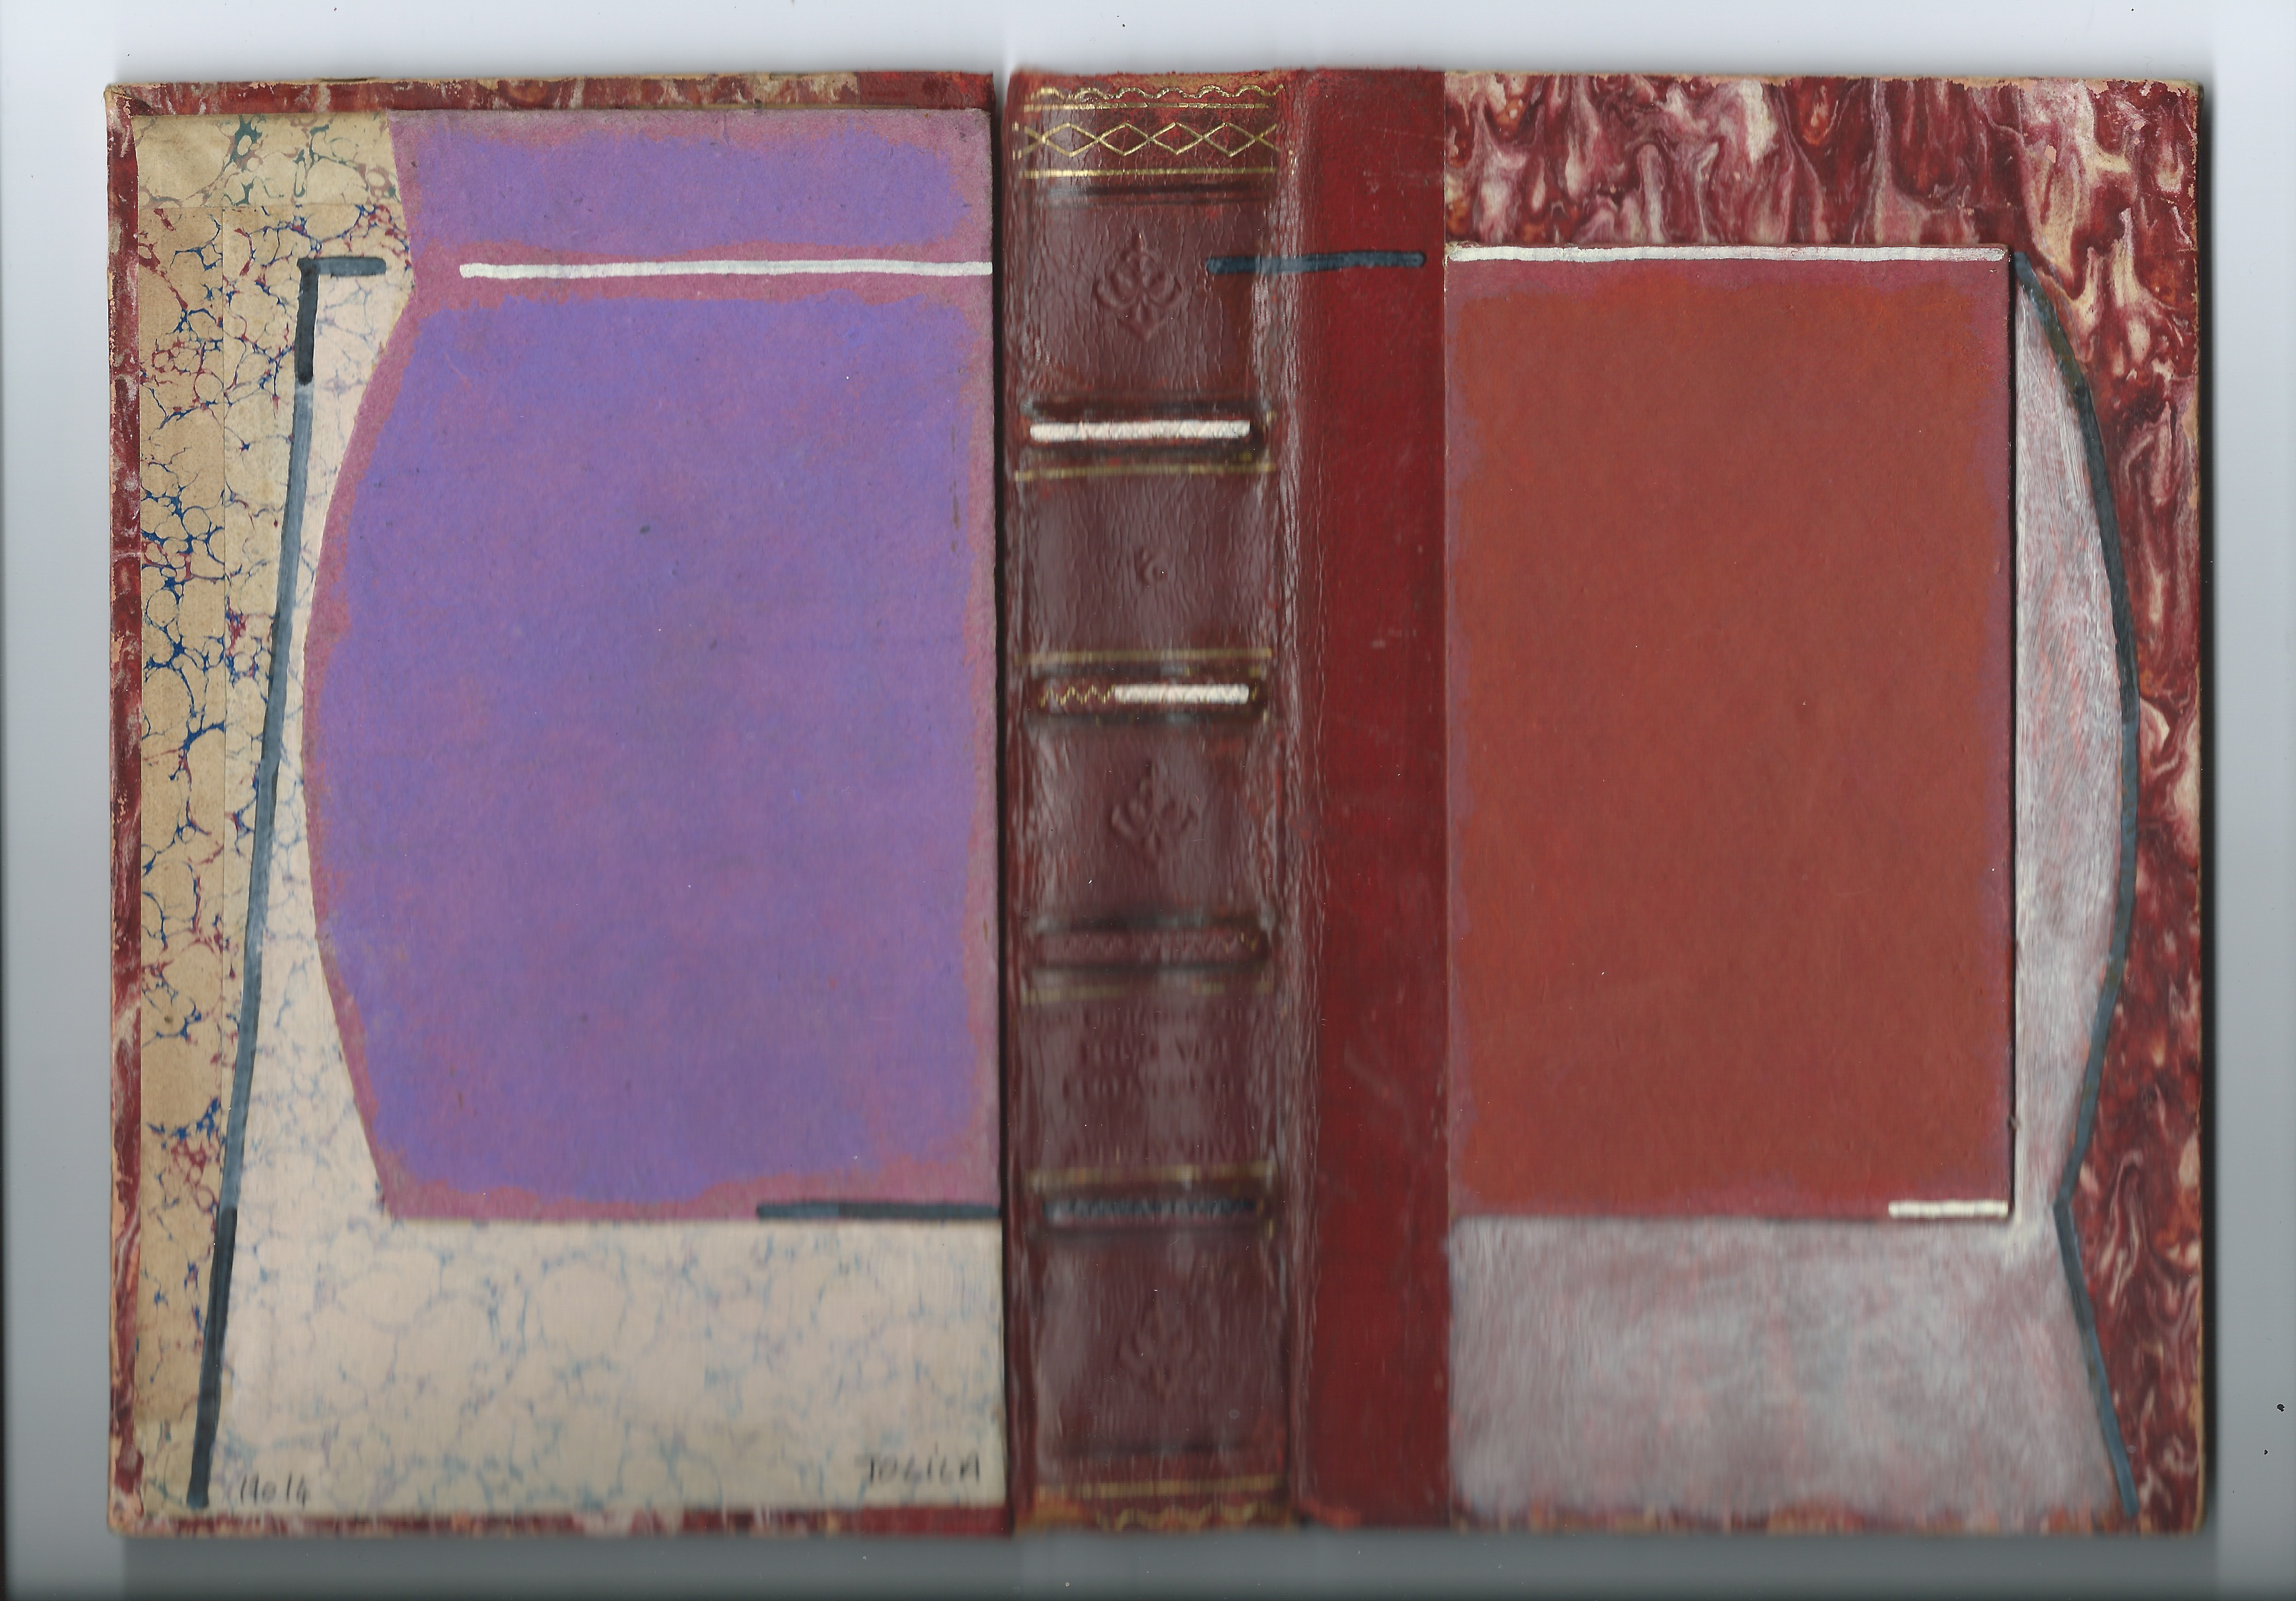 Livre ouvert 17014